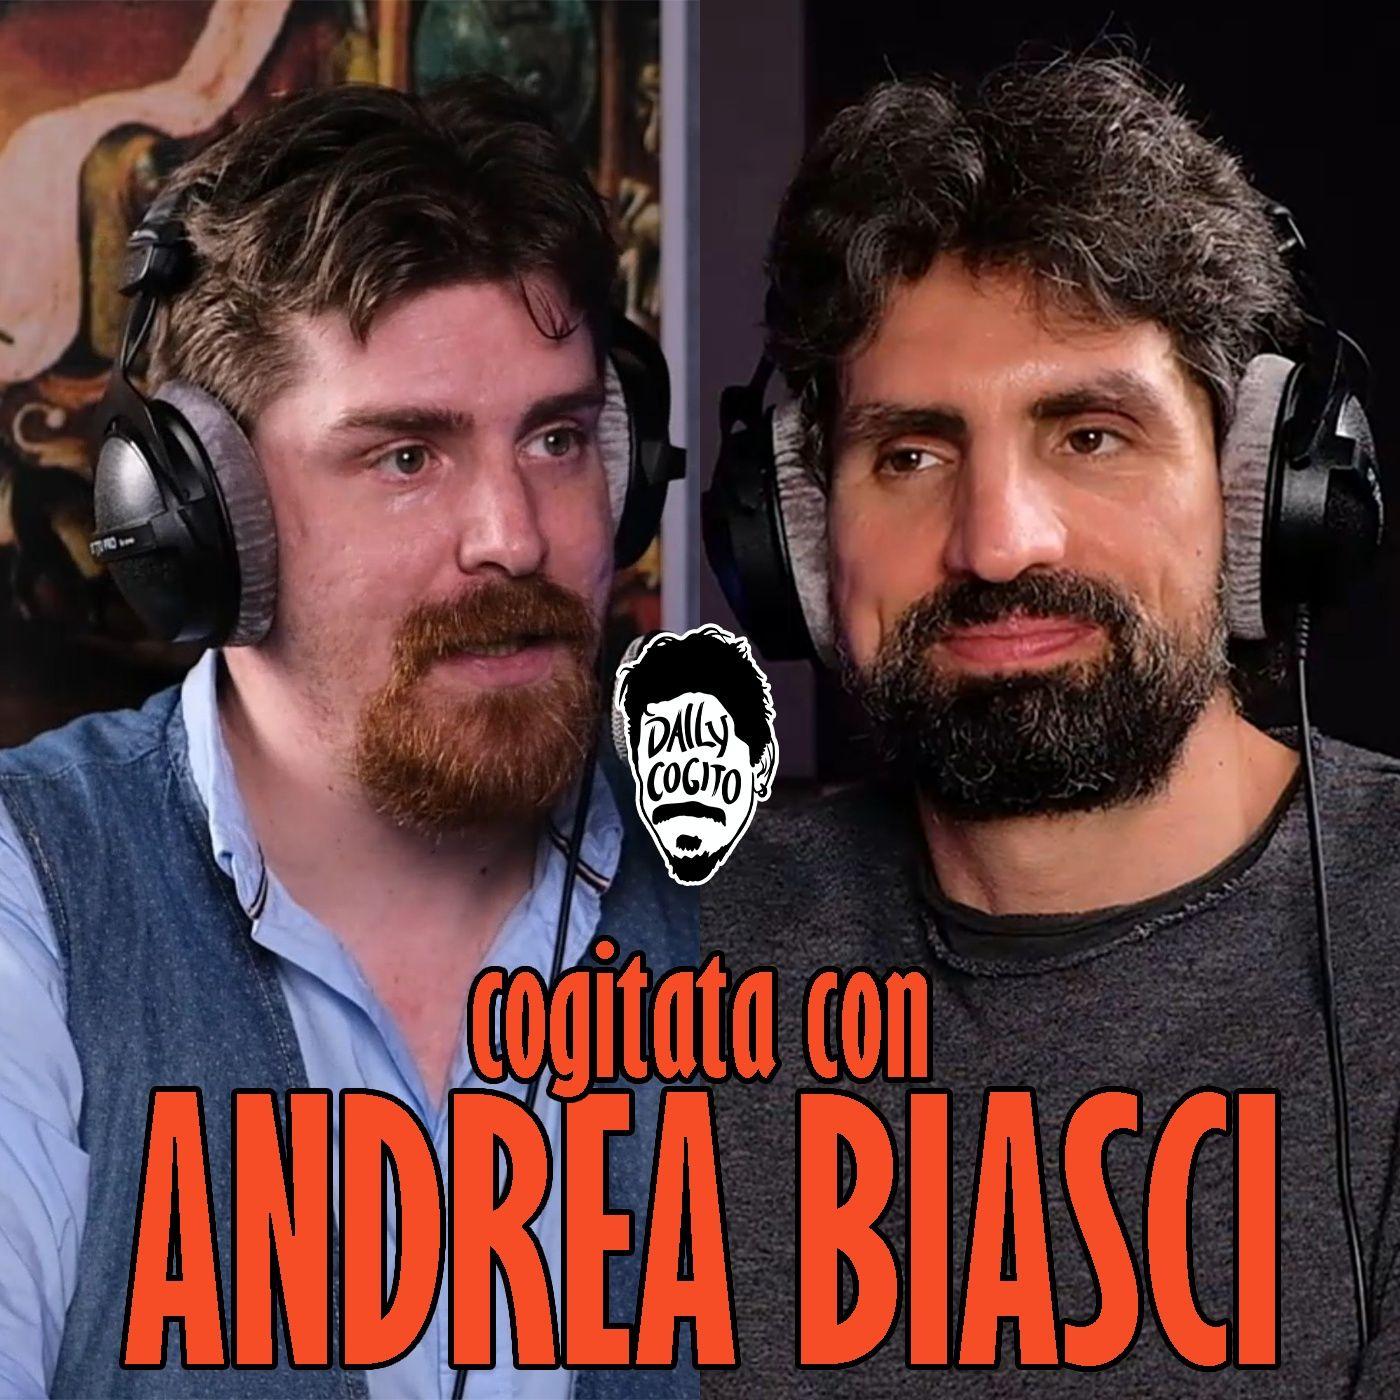 Cogitata con ANDREA BIASCI, fondatore del Project InVictus